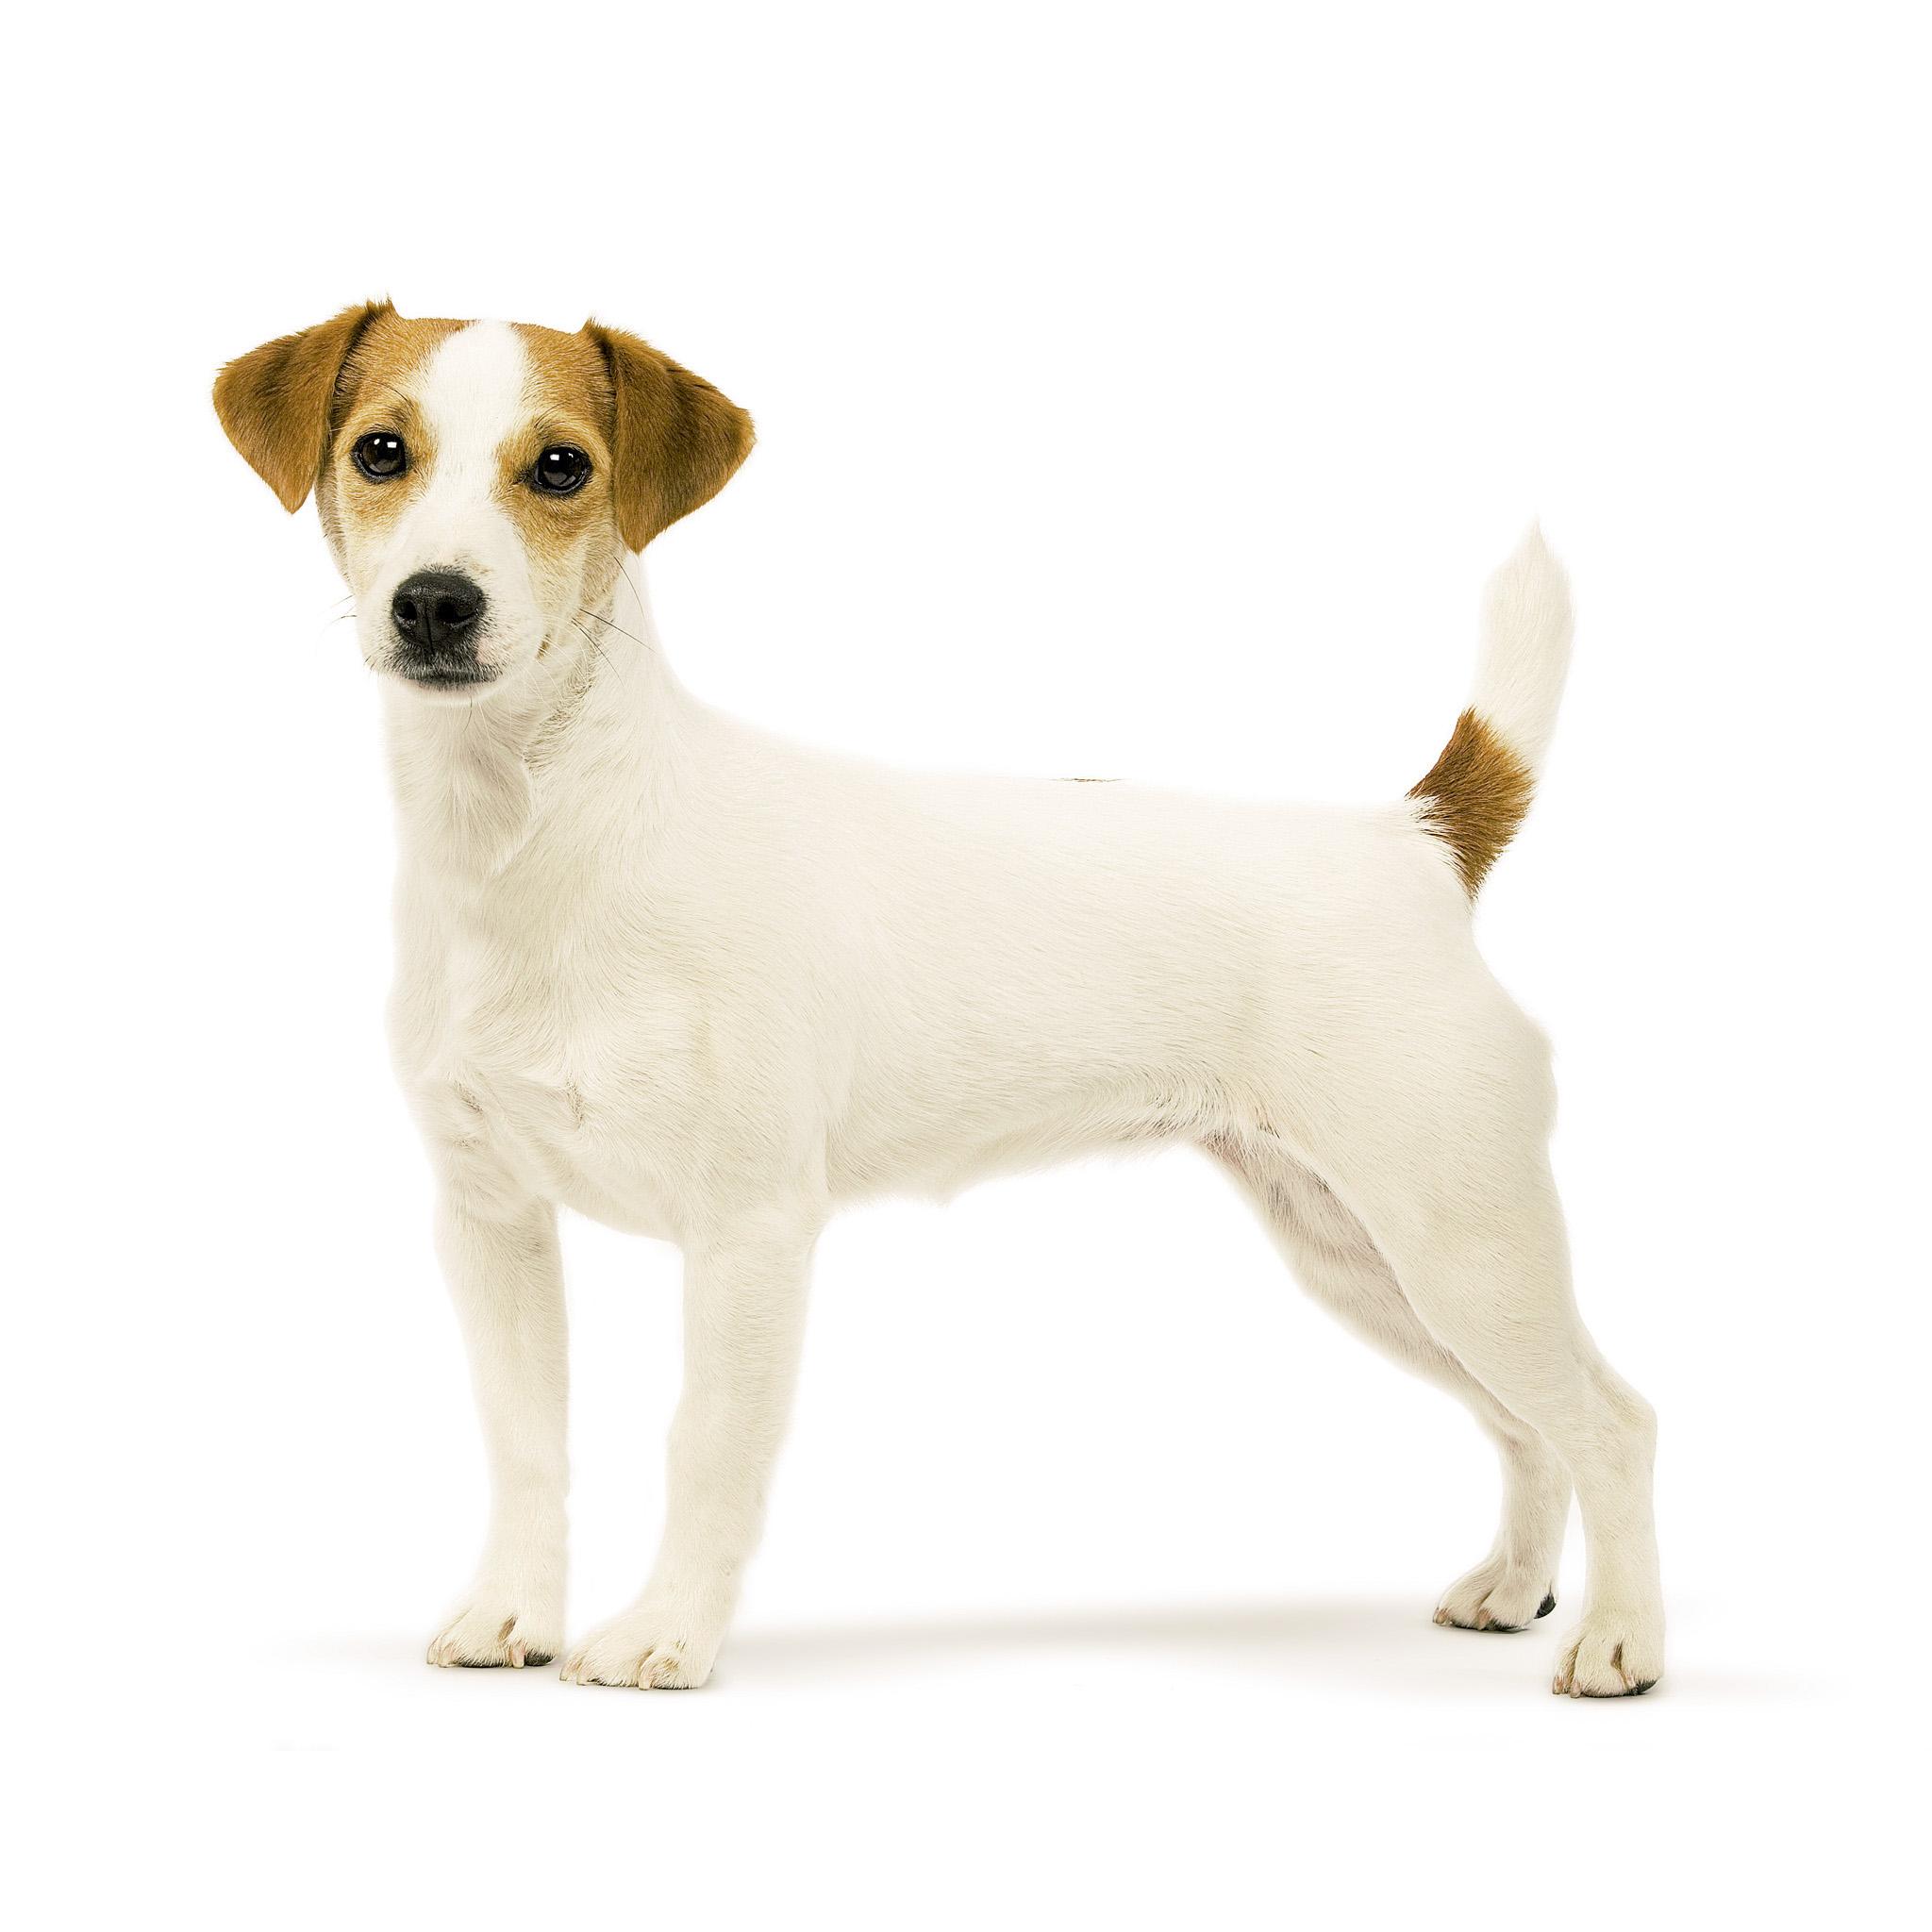 Парсон рассел терьер: описание породы собак